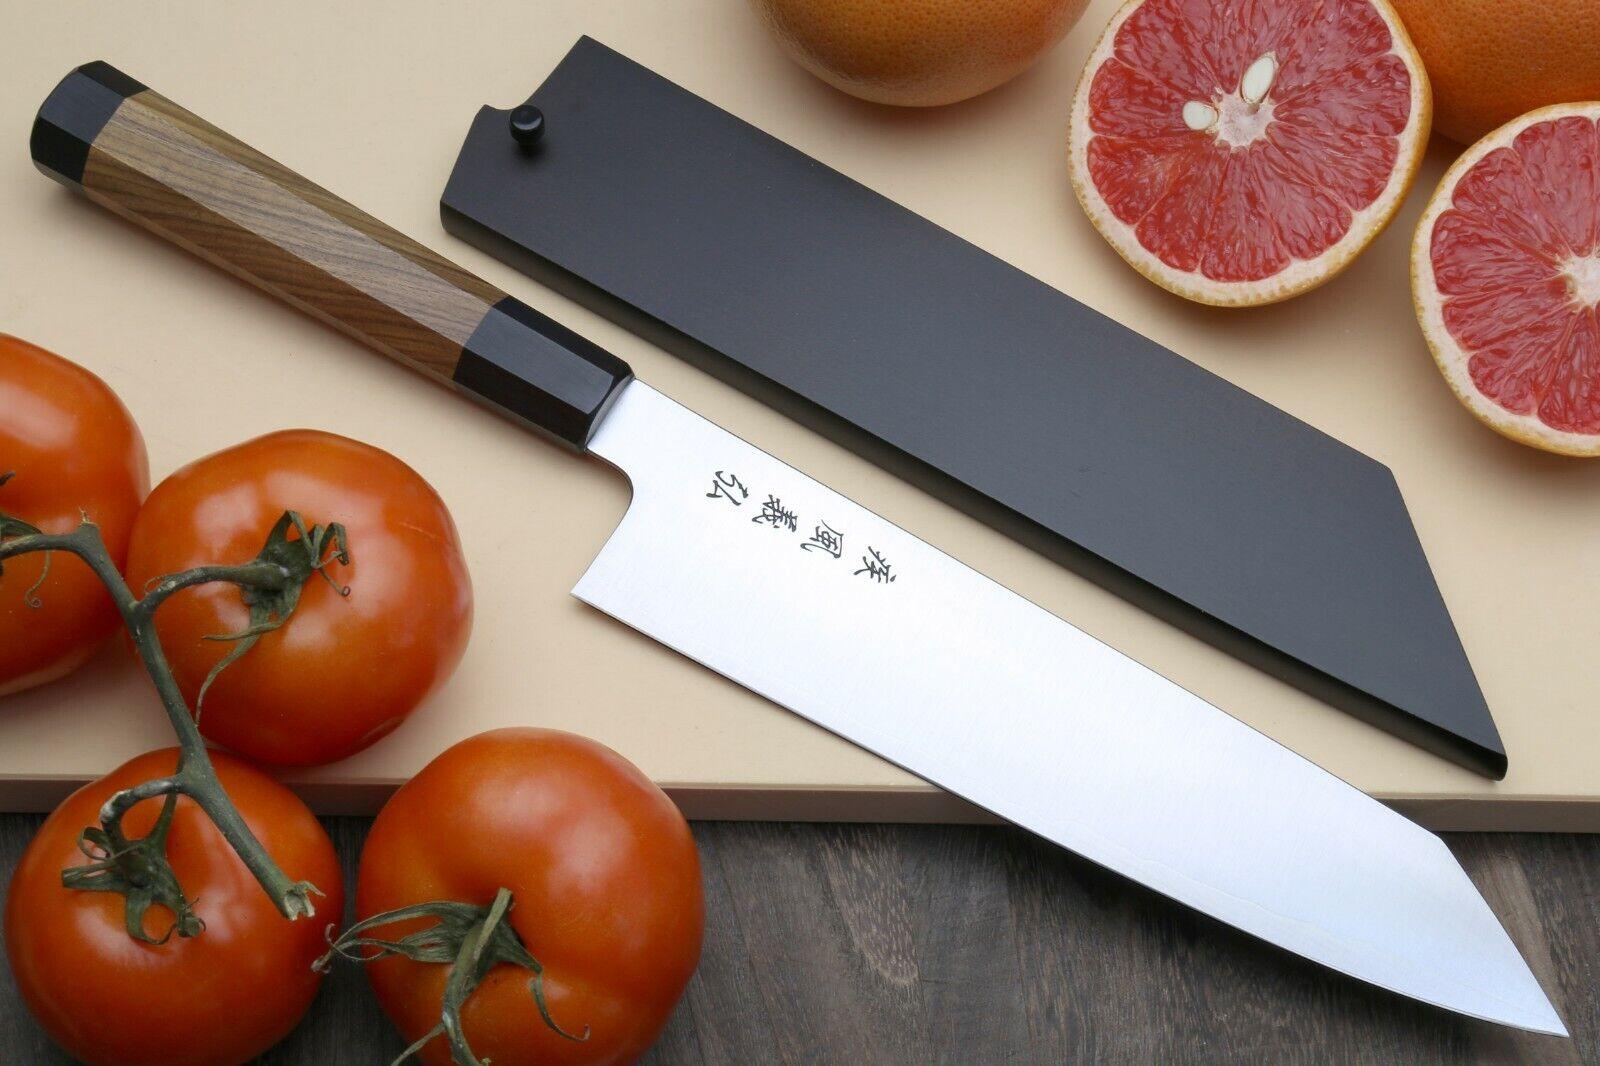 Yoshihiro SG-II (R-2) Semi-Stainless Kiritsuke Japanese Multipurpose Chef Knife